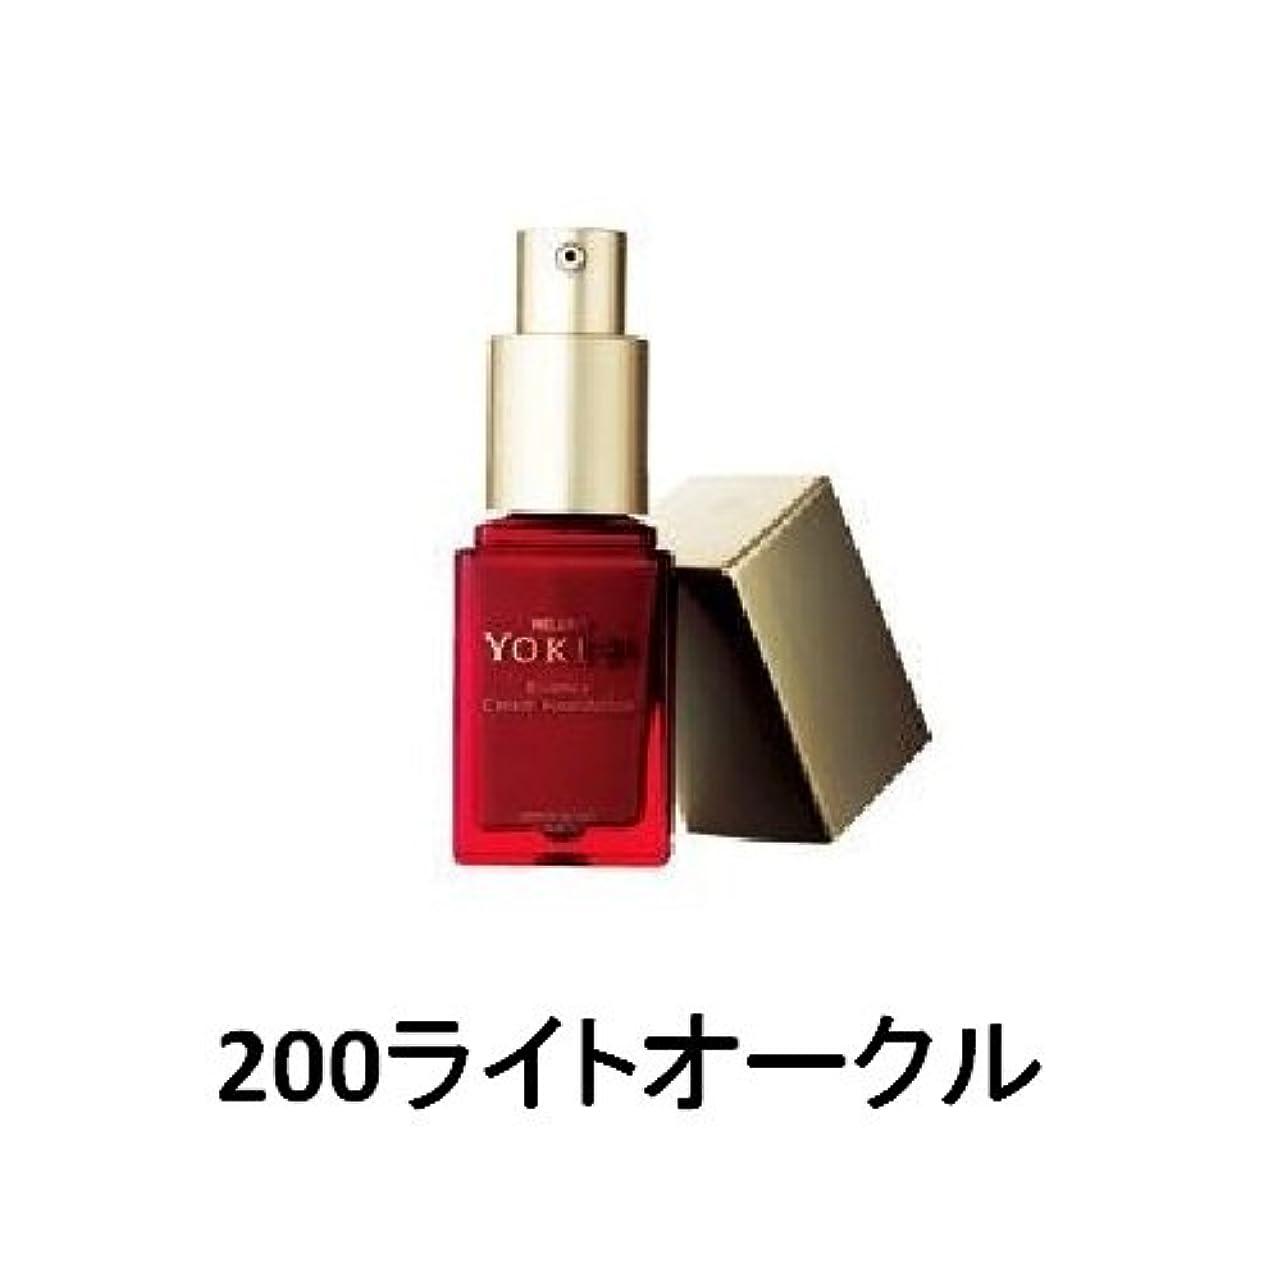 十分散慣れるリレント YOKIBI エッセンスクリームファンデーション (200ライトオークル)